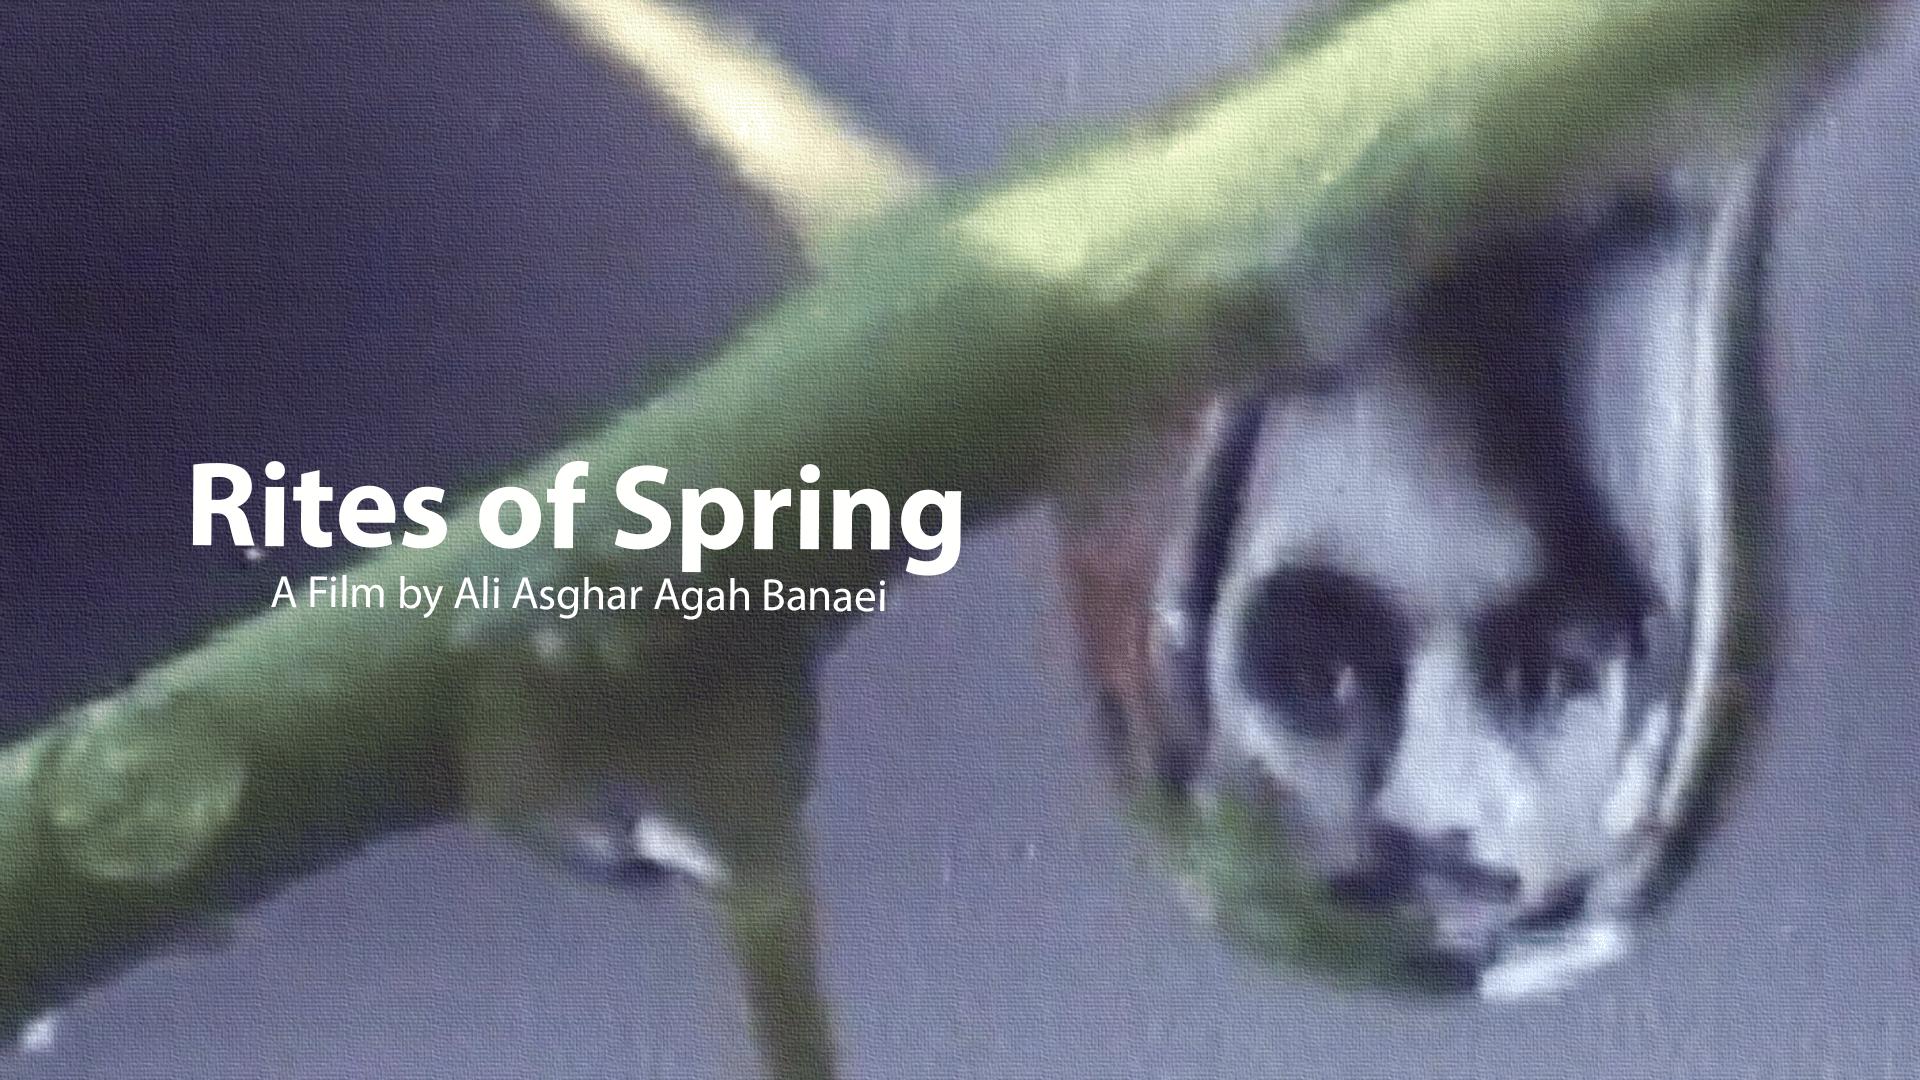 Rites of Spring (1982)